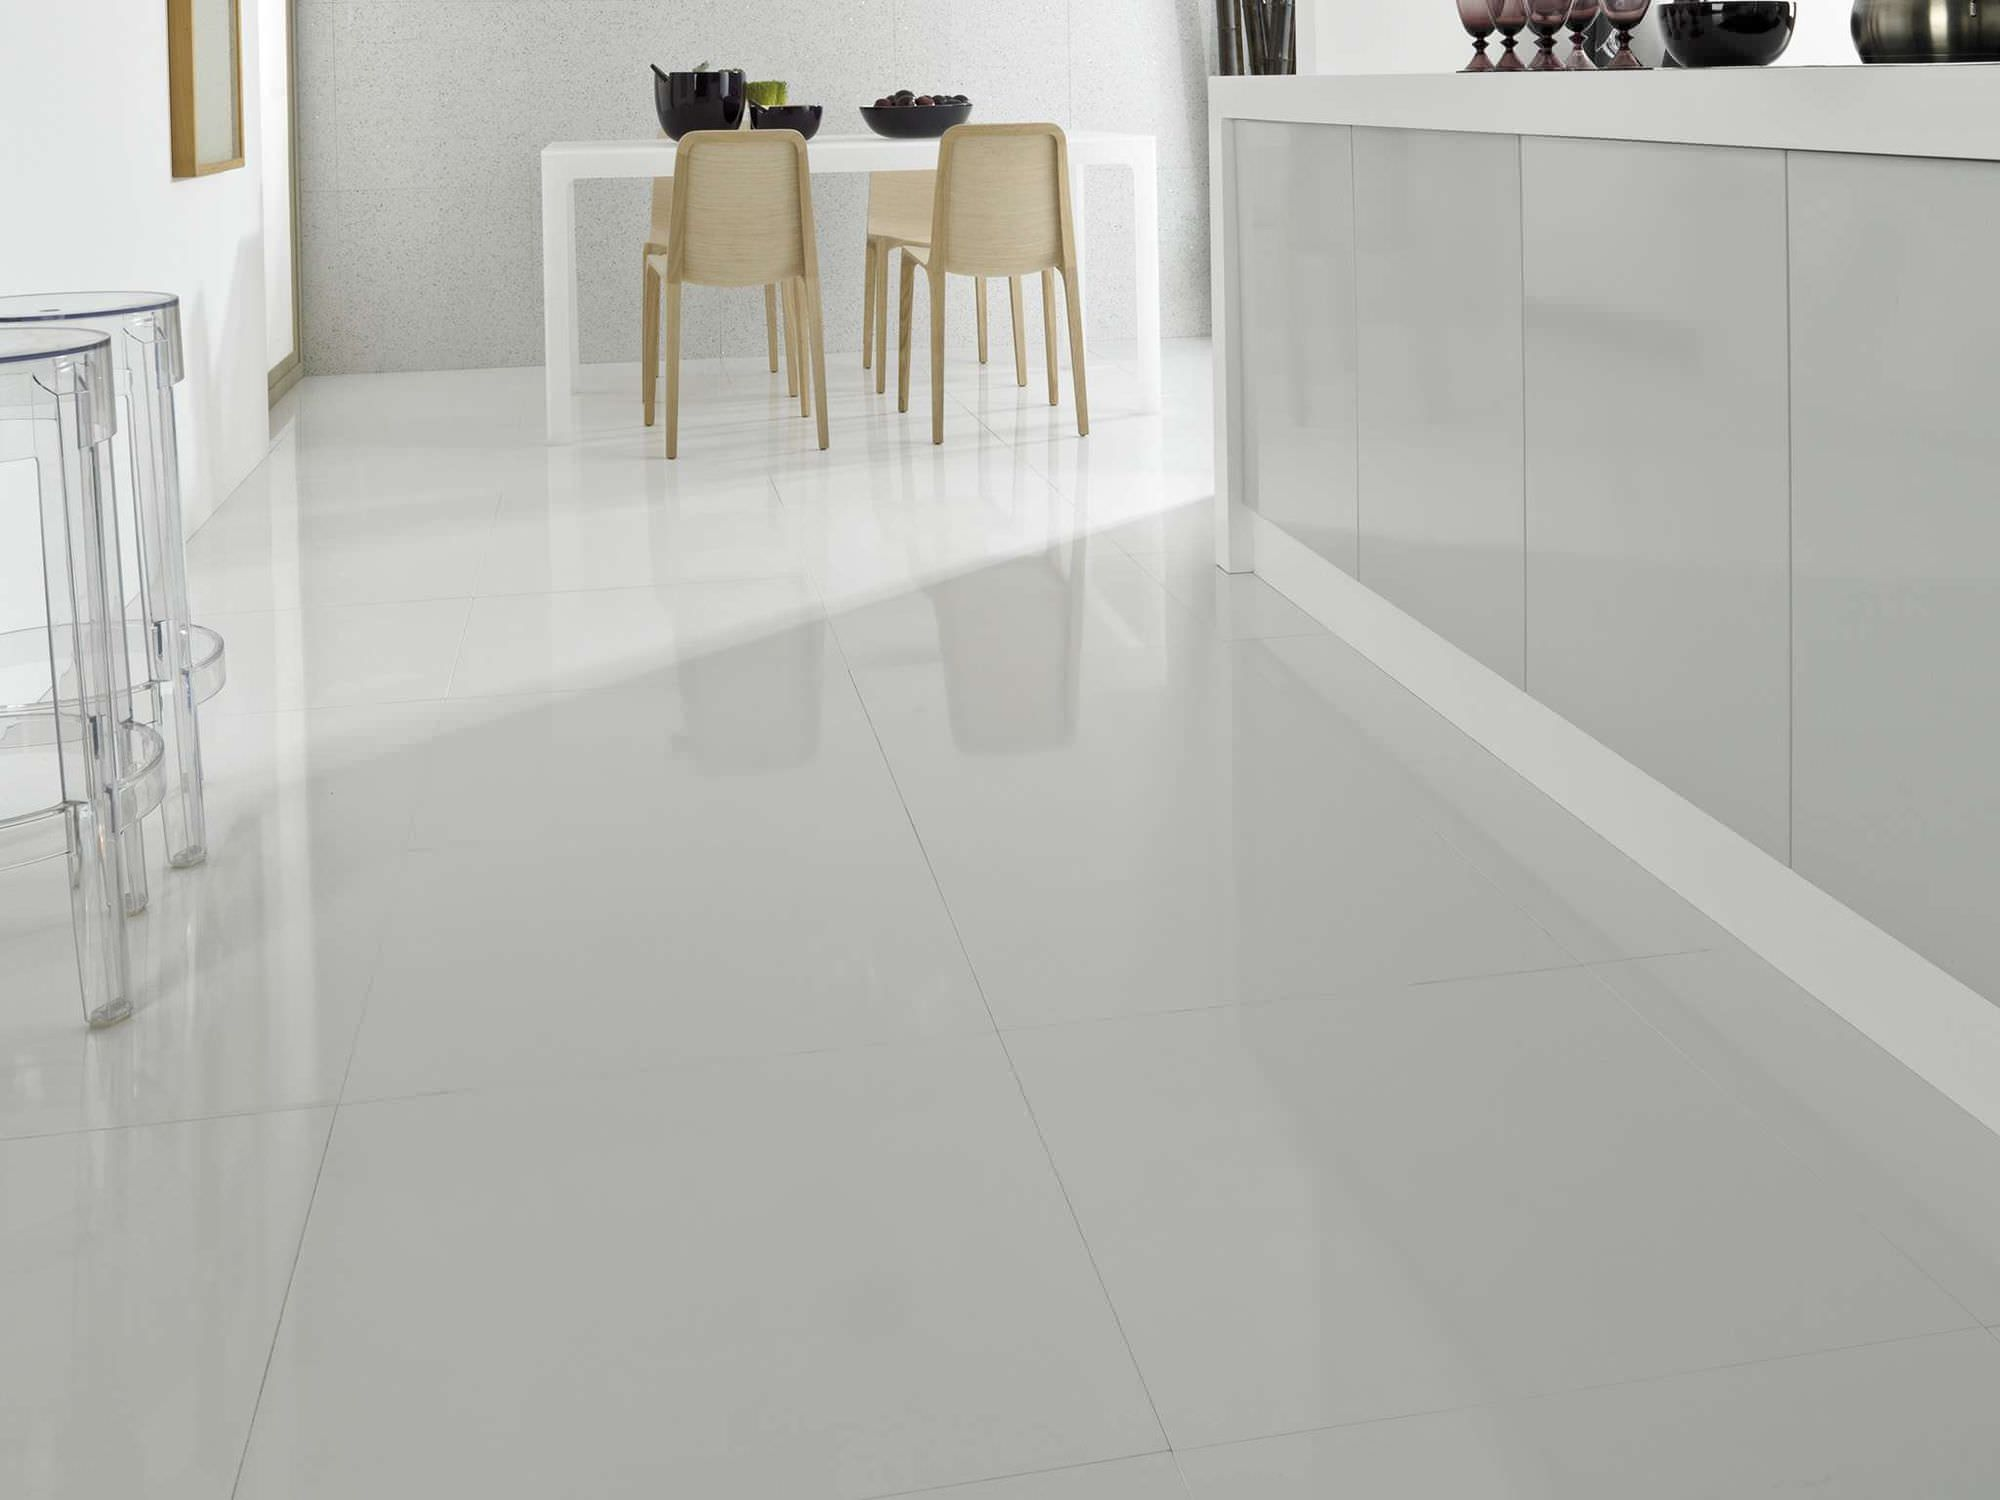 Floor tile engineered stone matte dqs design quartz stone floor tile engineered stone matte dqs design quartz stone l dailygadgetfo Choice Image